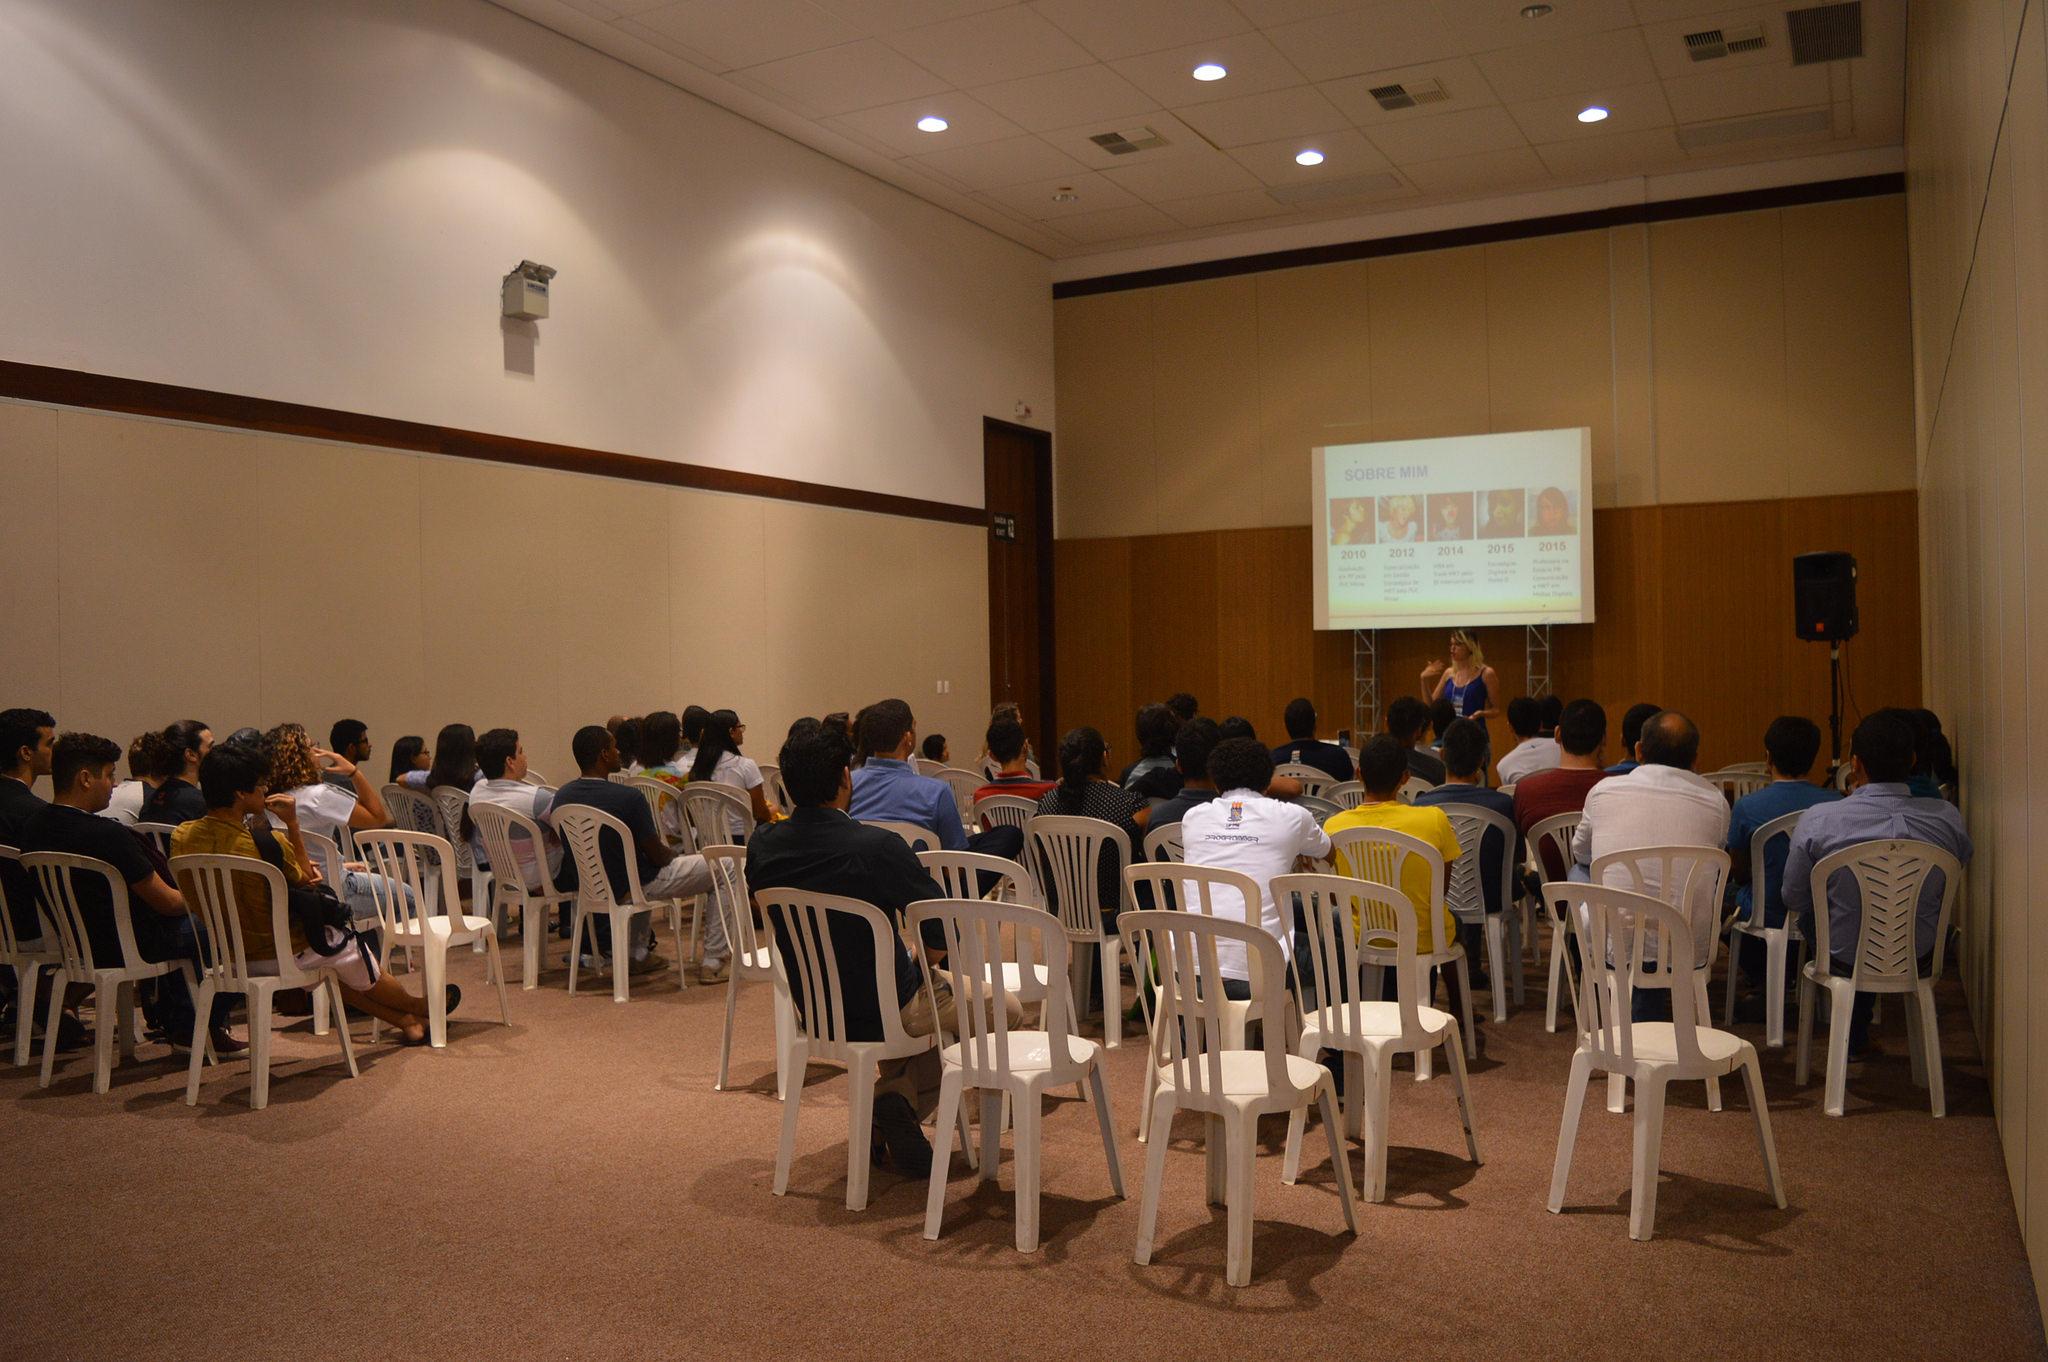 Foto: Raíssa Nóbrega/Assessoria Expotec